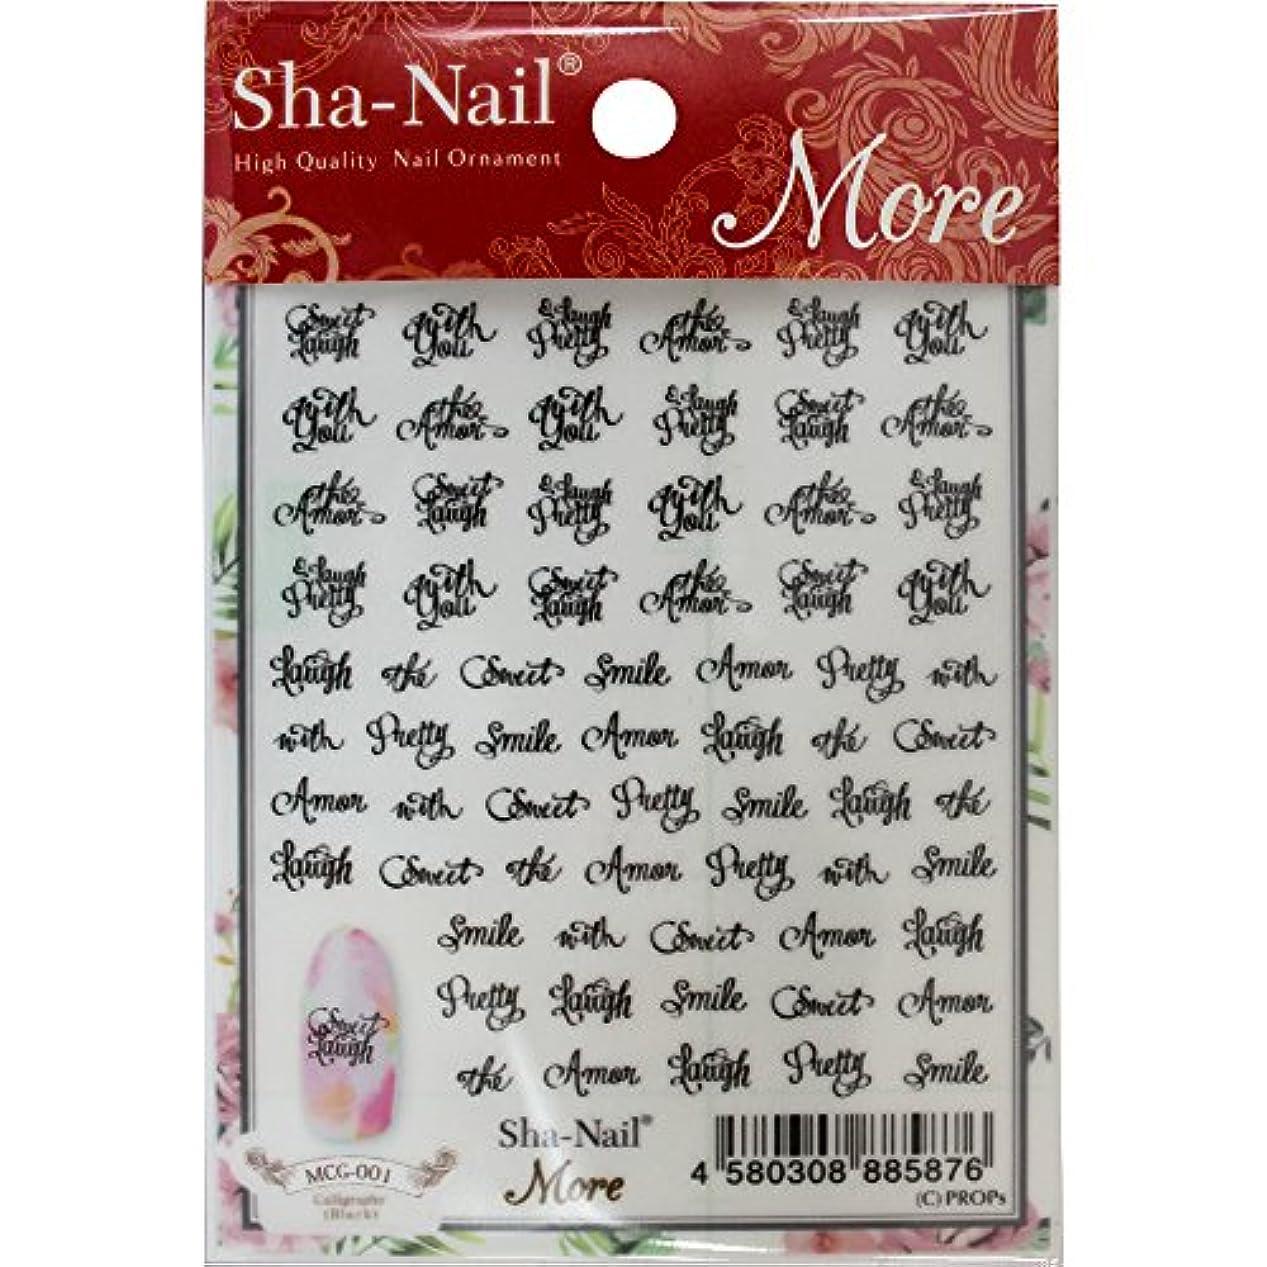 Sha-Nail More ネイルシール カリグラフィー ブラック アート材